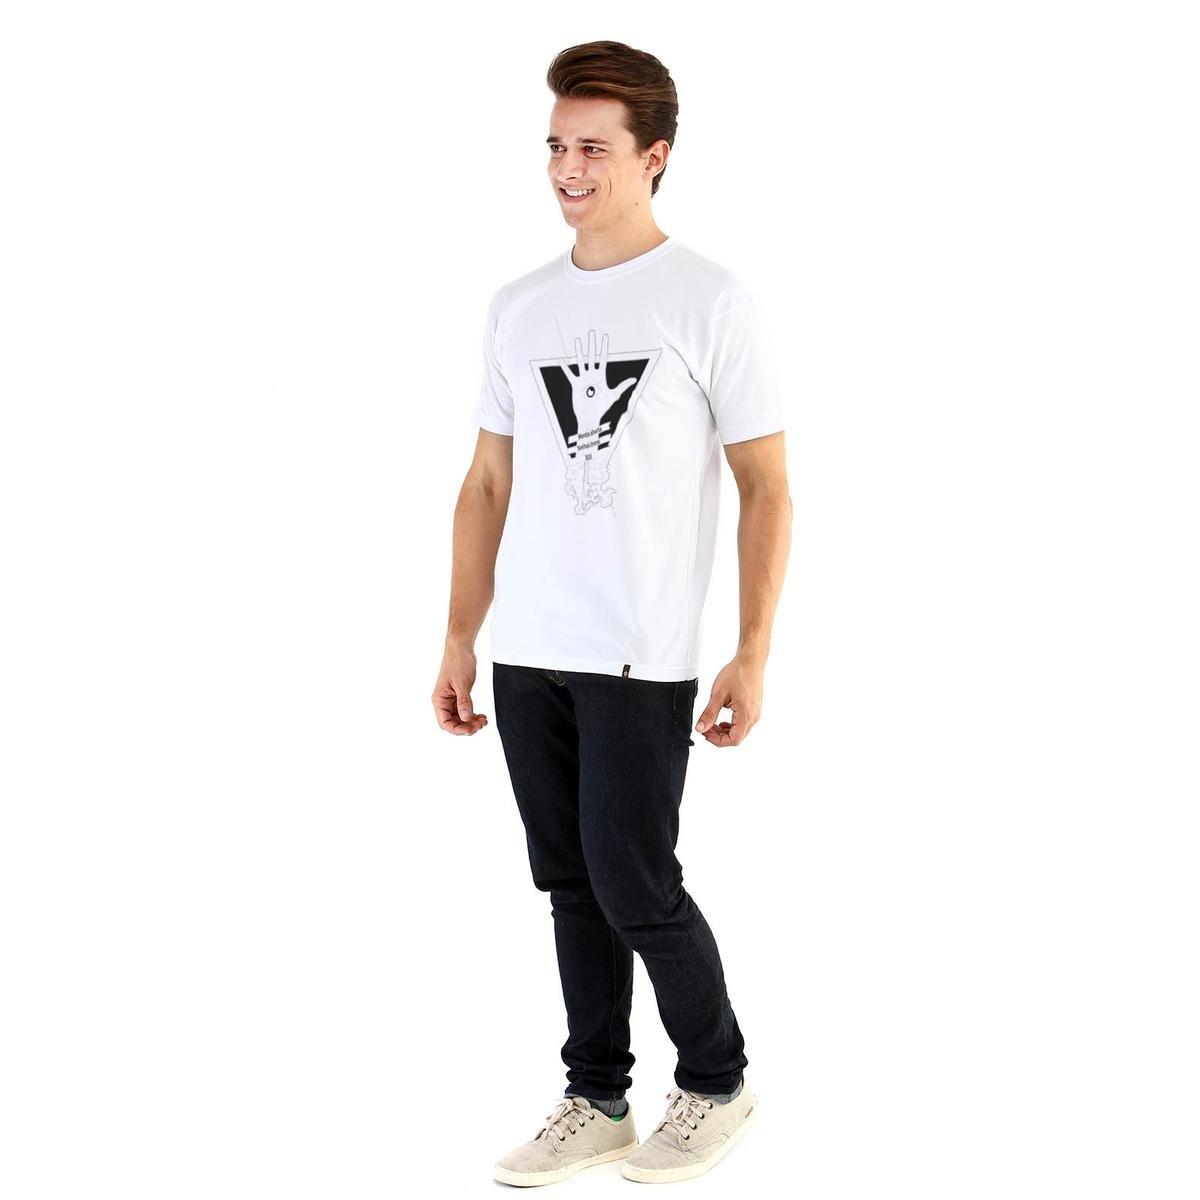 Camiseta Ouroboros manga curta Mente Aberta - Branco - Compre Agora ... 3fbd7d418a7